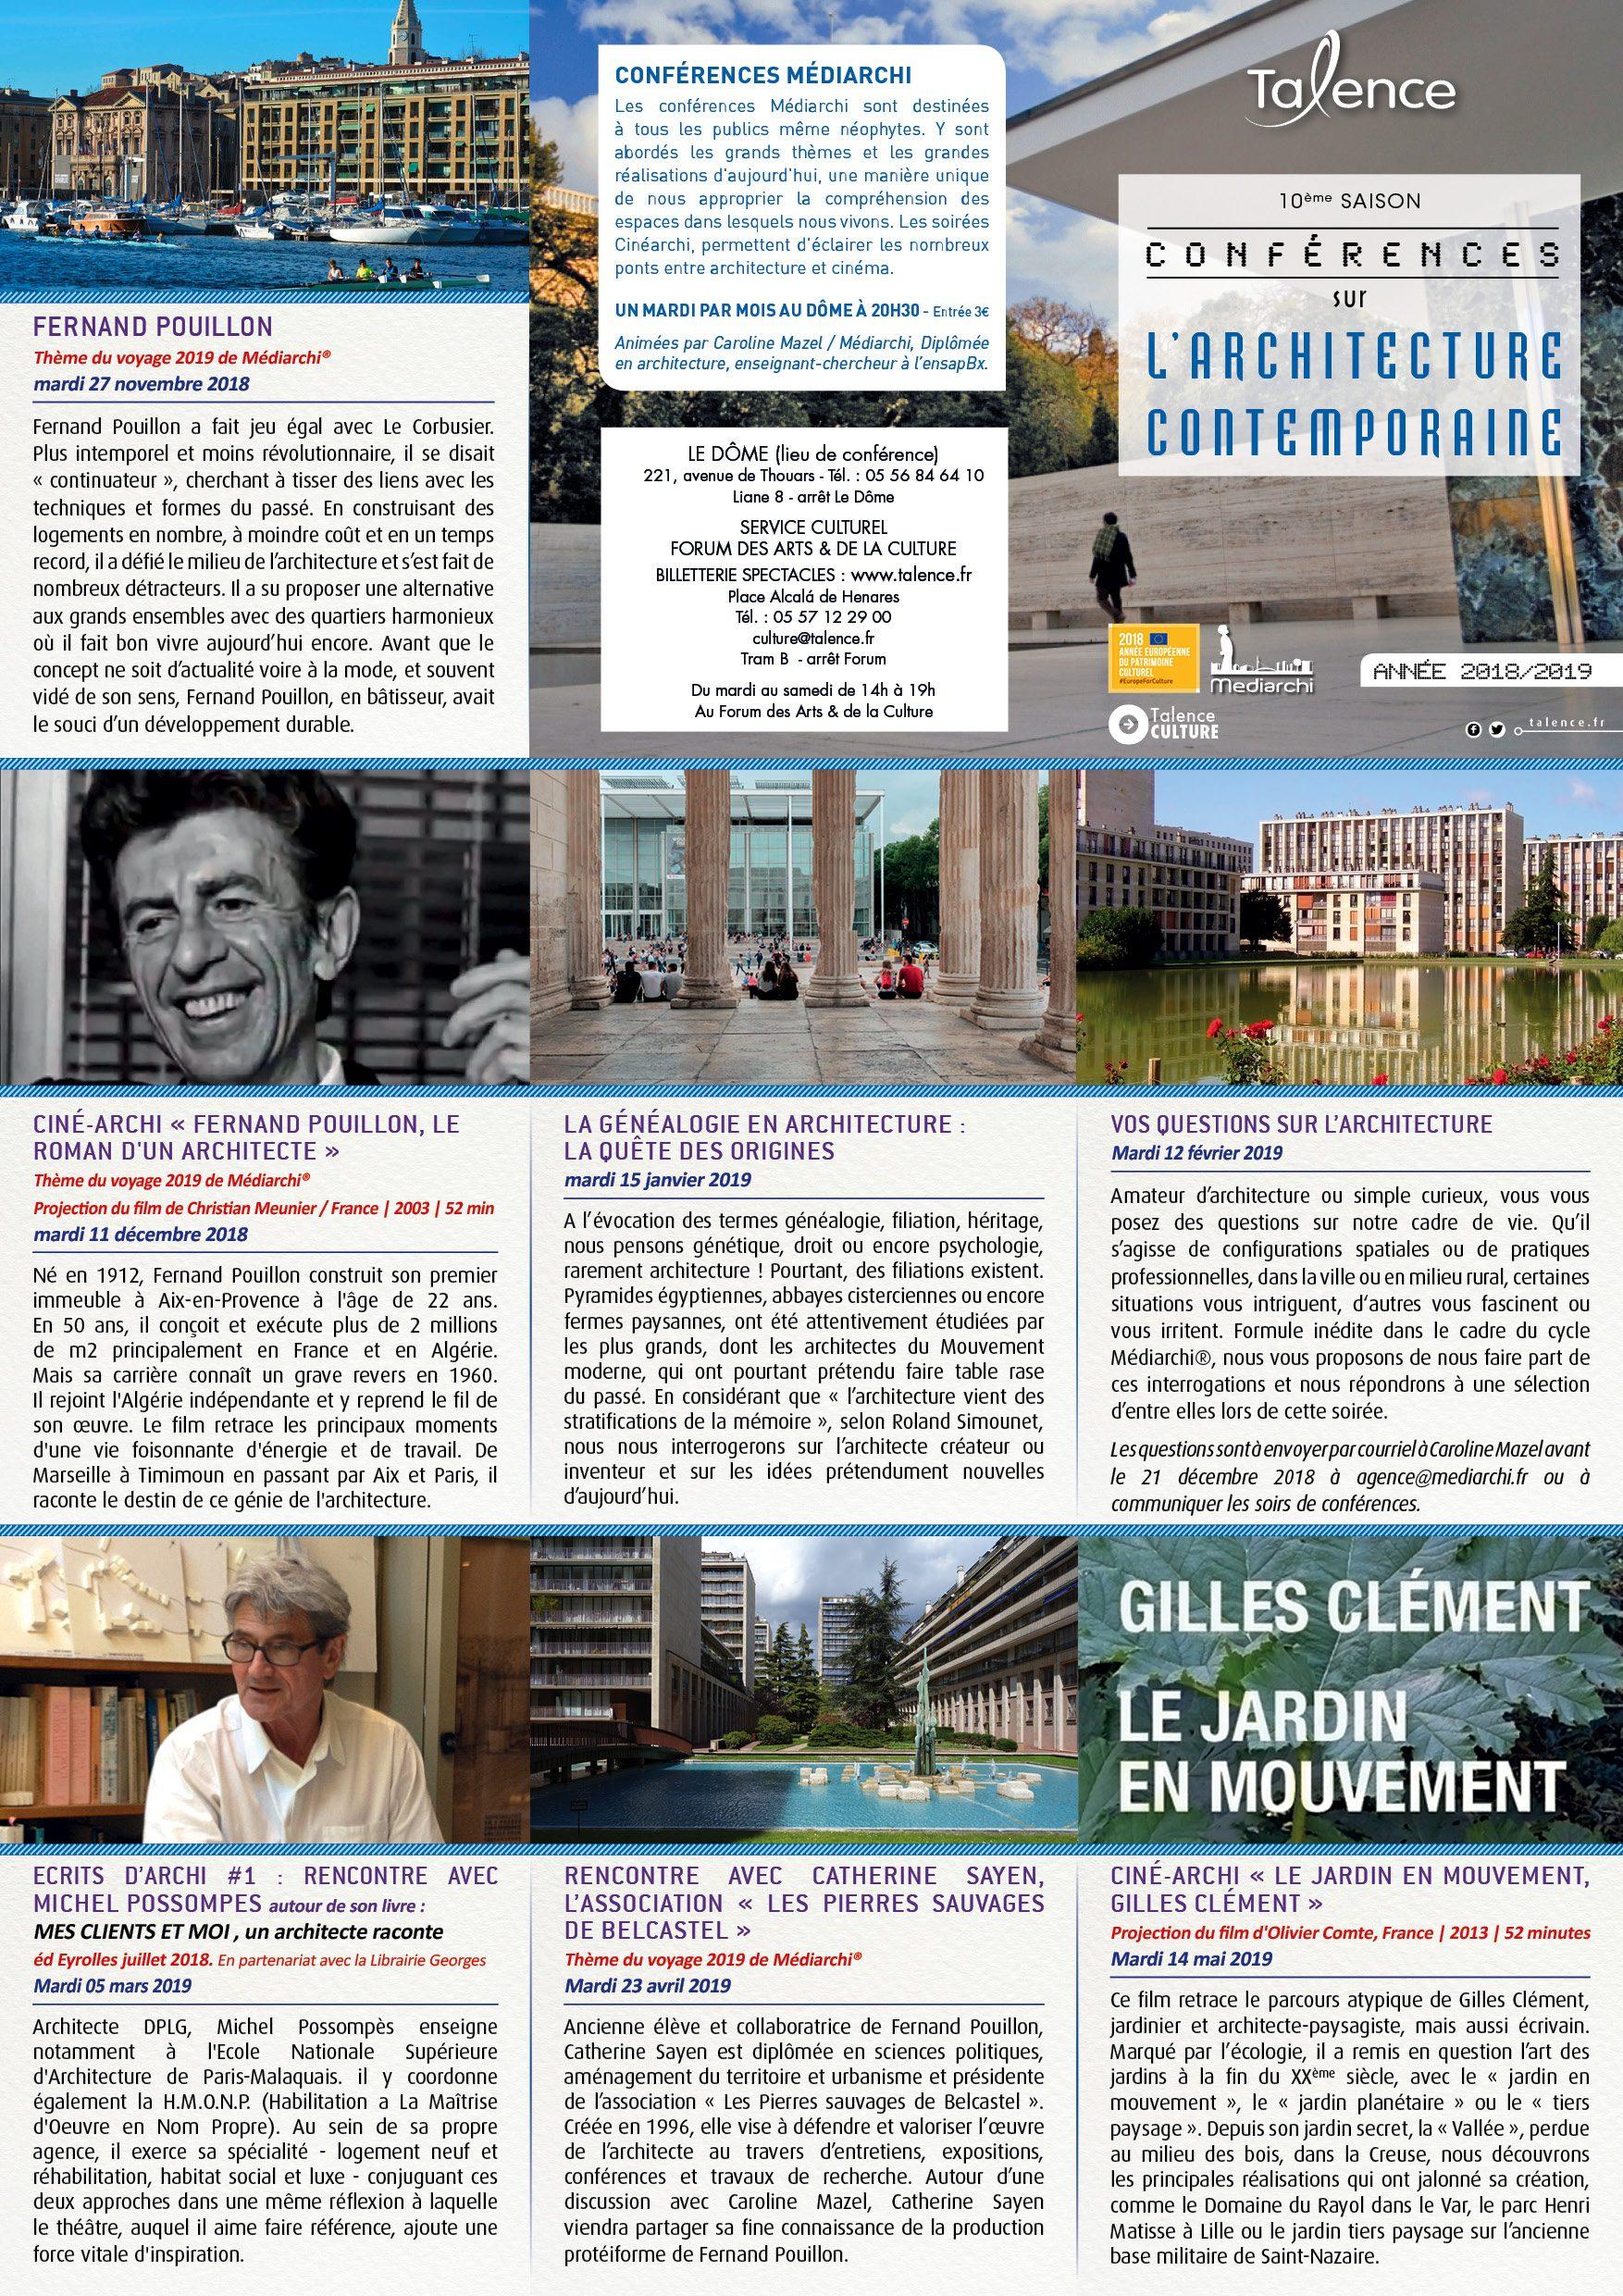 Les choristes de l'Opéra National de Bordeaux ont chanté au Lycée Victor Louis de Talence.